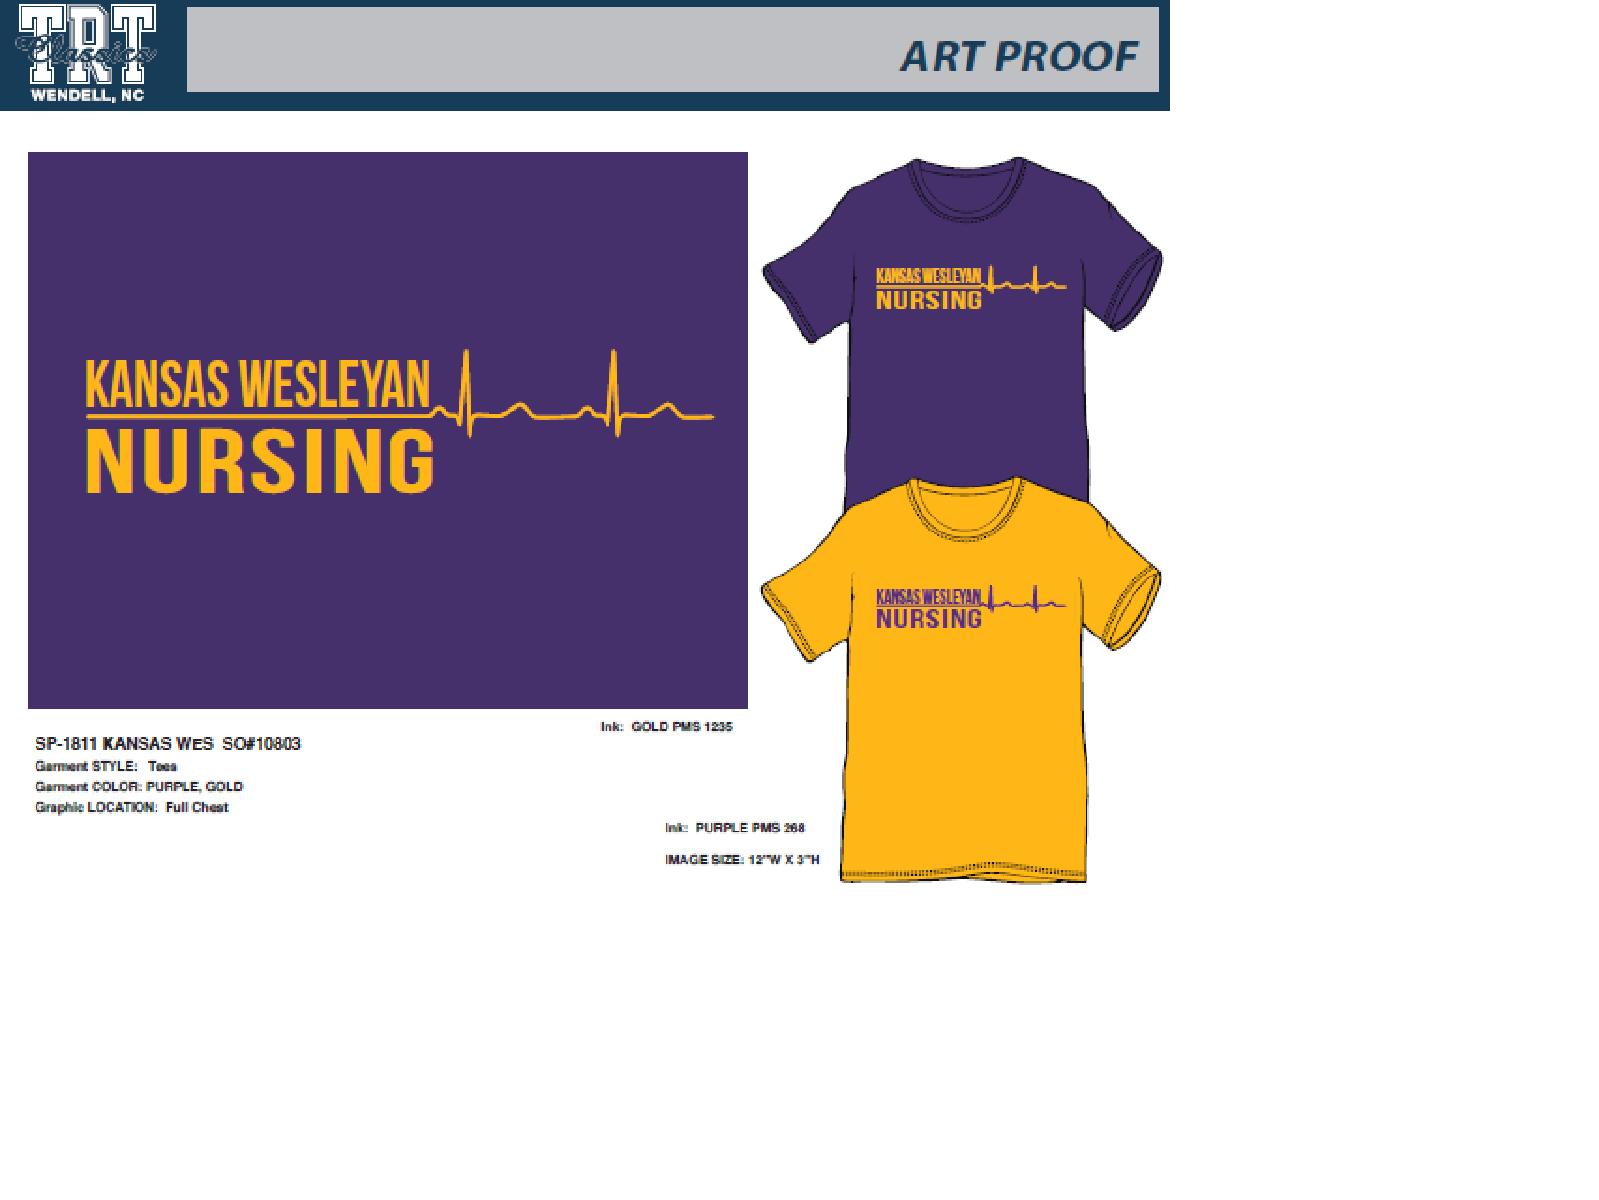 Kansas Wesleyan Nursing T-Shirt